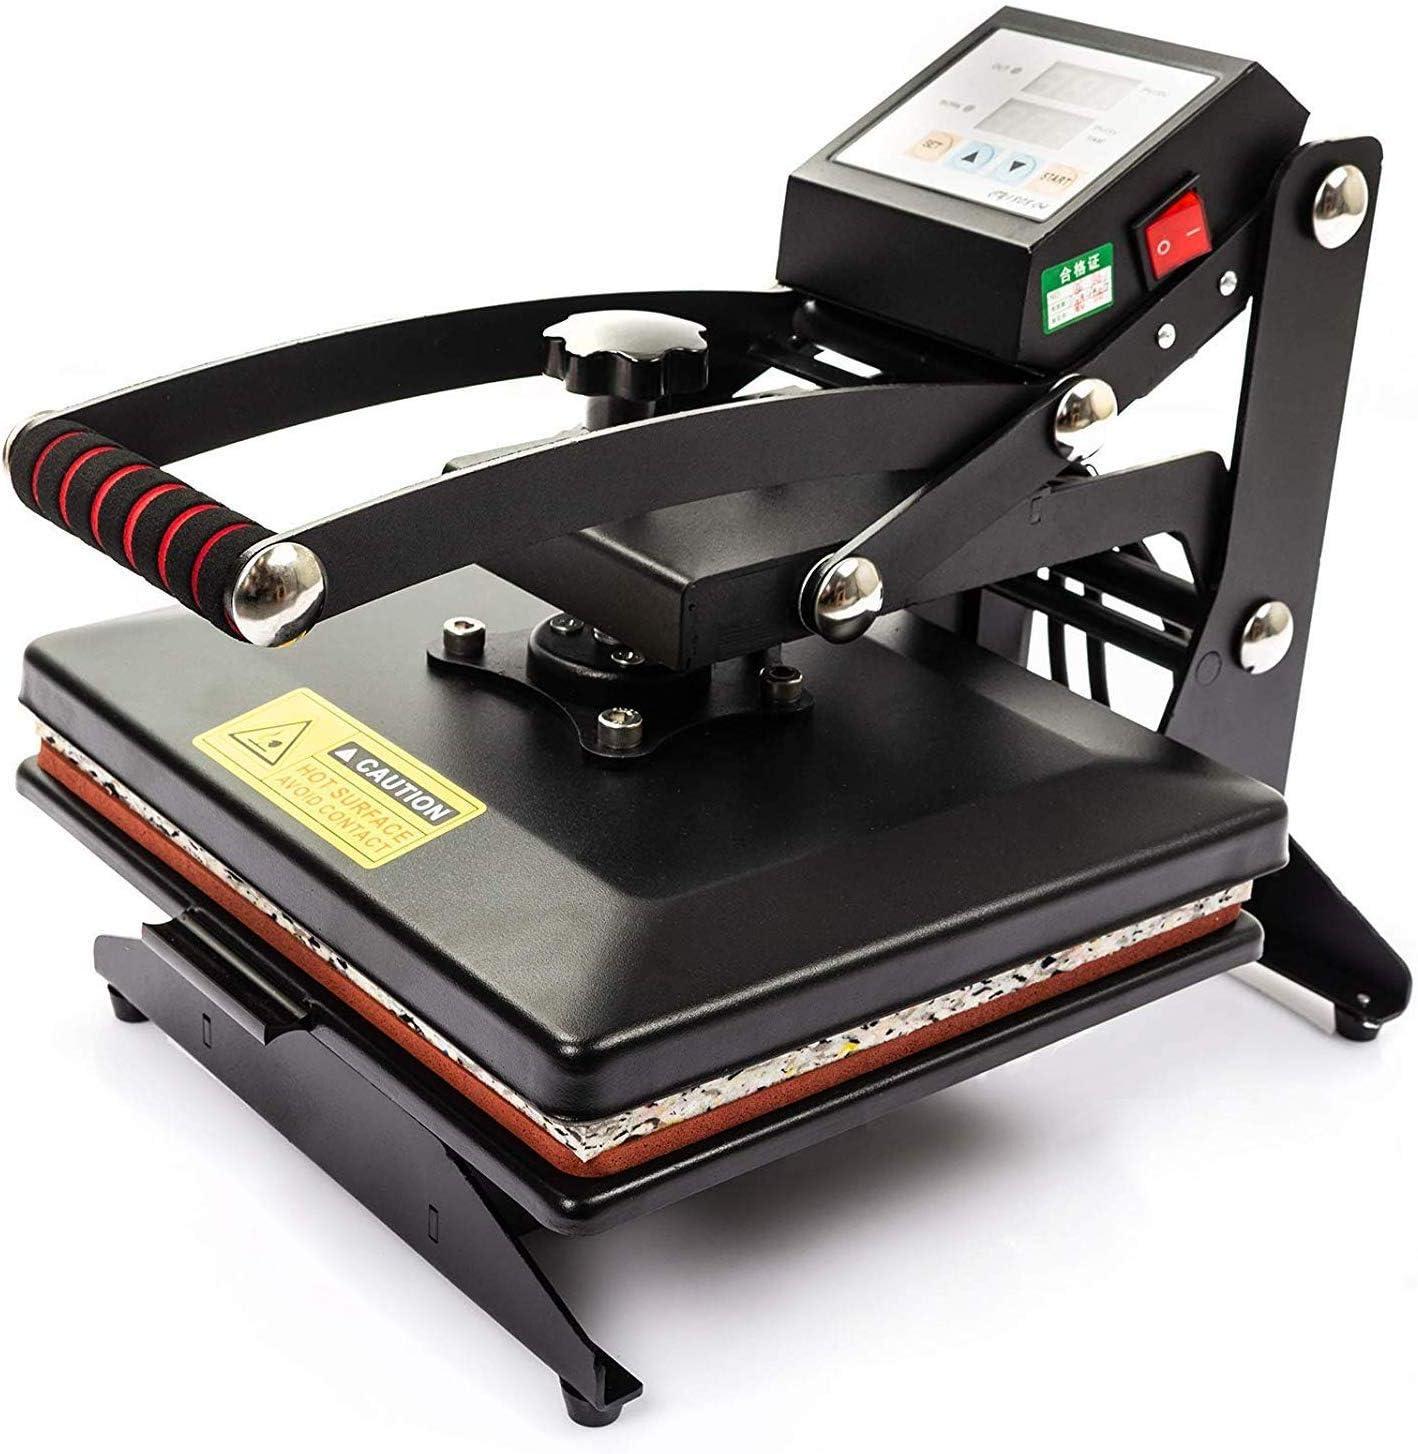 Display4top Prensa de Calor Maquina de Prensa de Calor Máquina de la sublimación de la transferencia de la prensa del calor de la camiseta, uso para industrial, profesional y casero (25cm x 30cm)